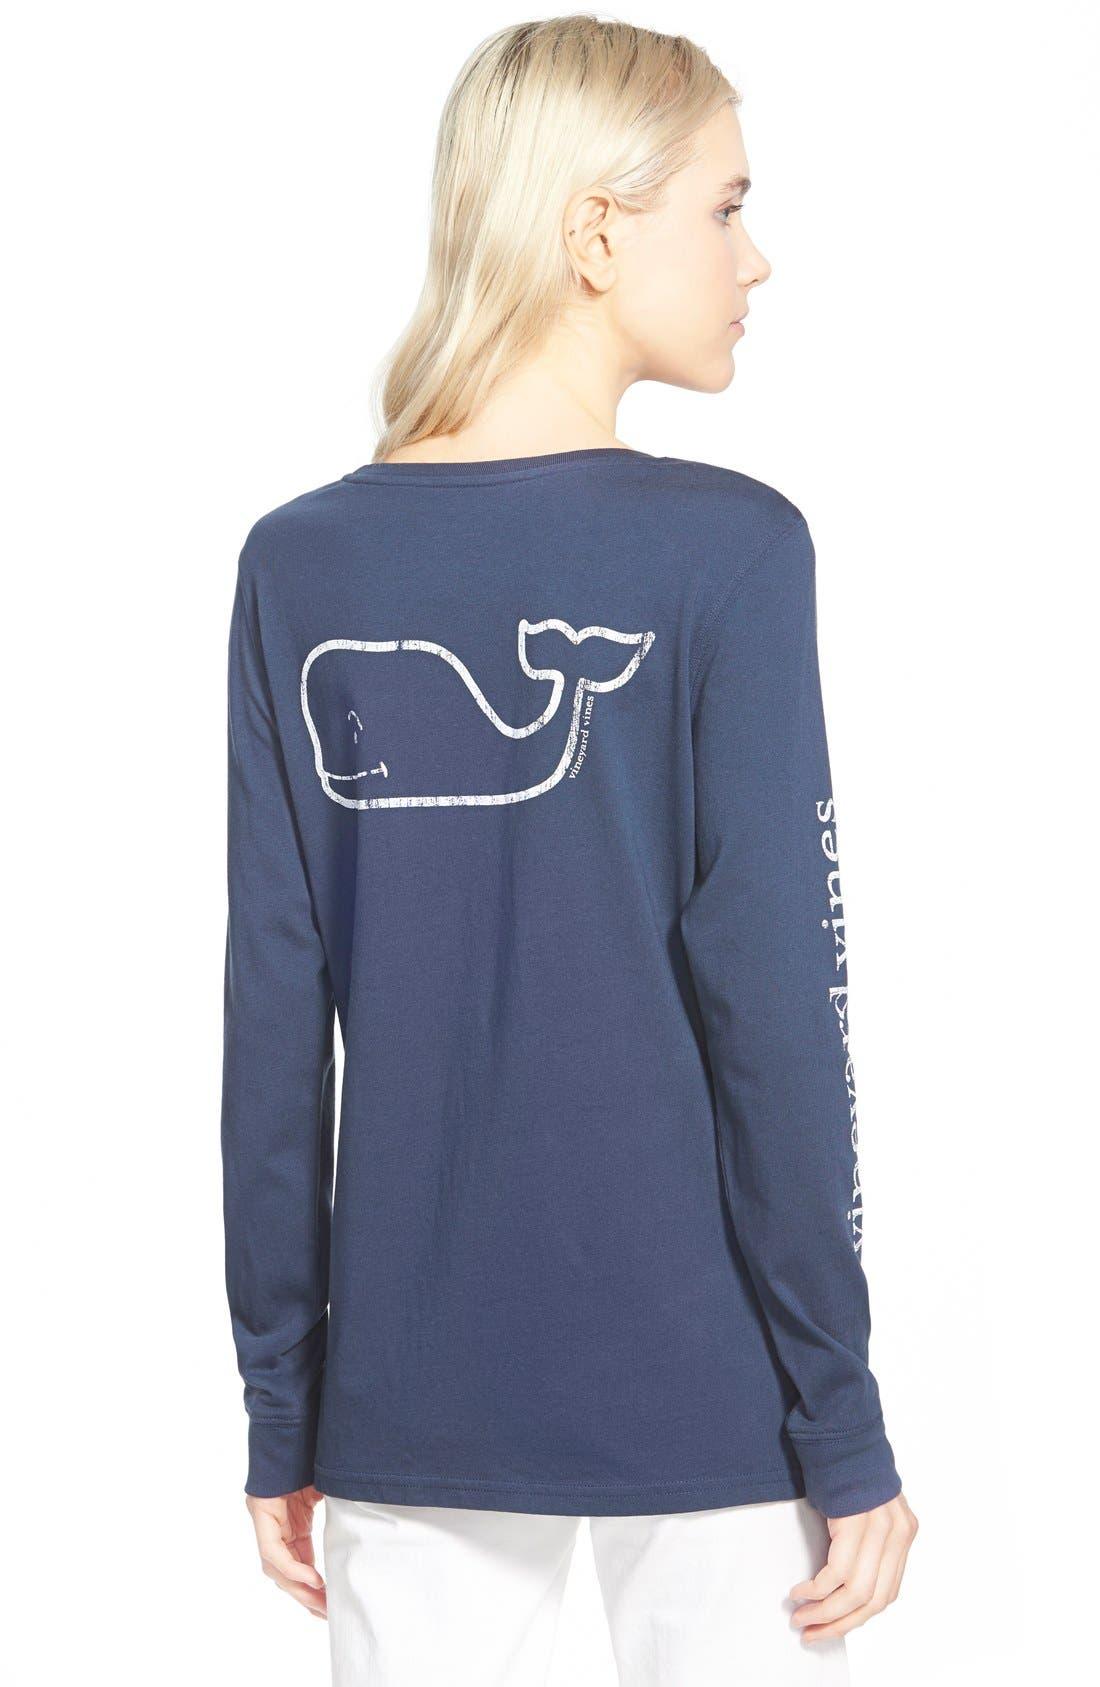 Alternate Image 2  - Vineyard Vines Whale Print Long Sleeve Tee